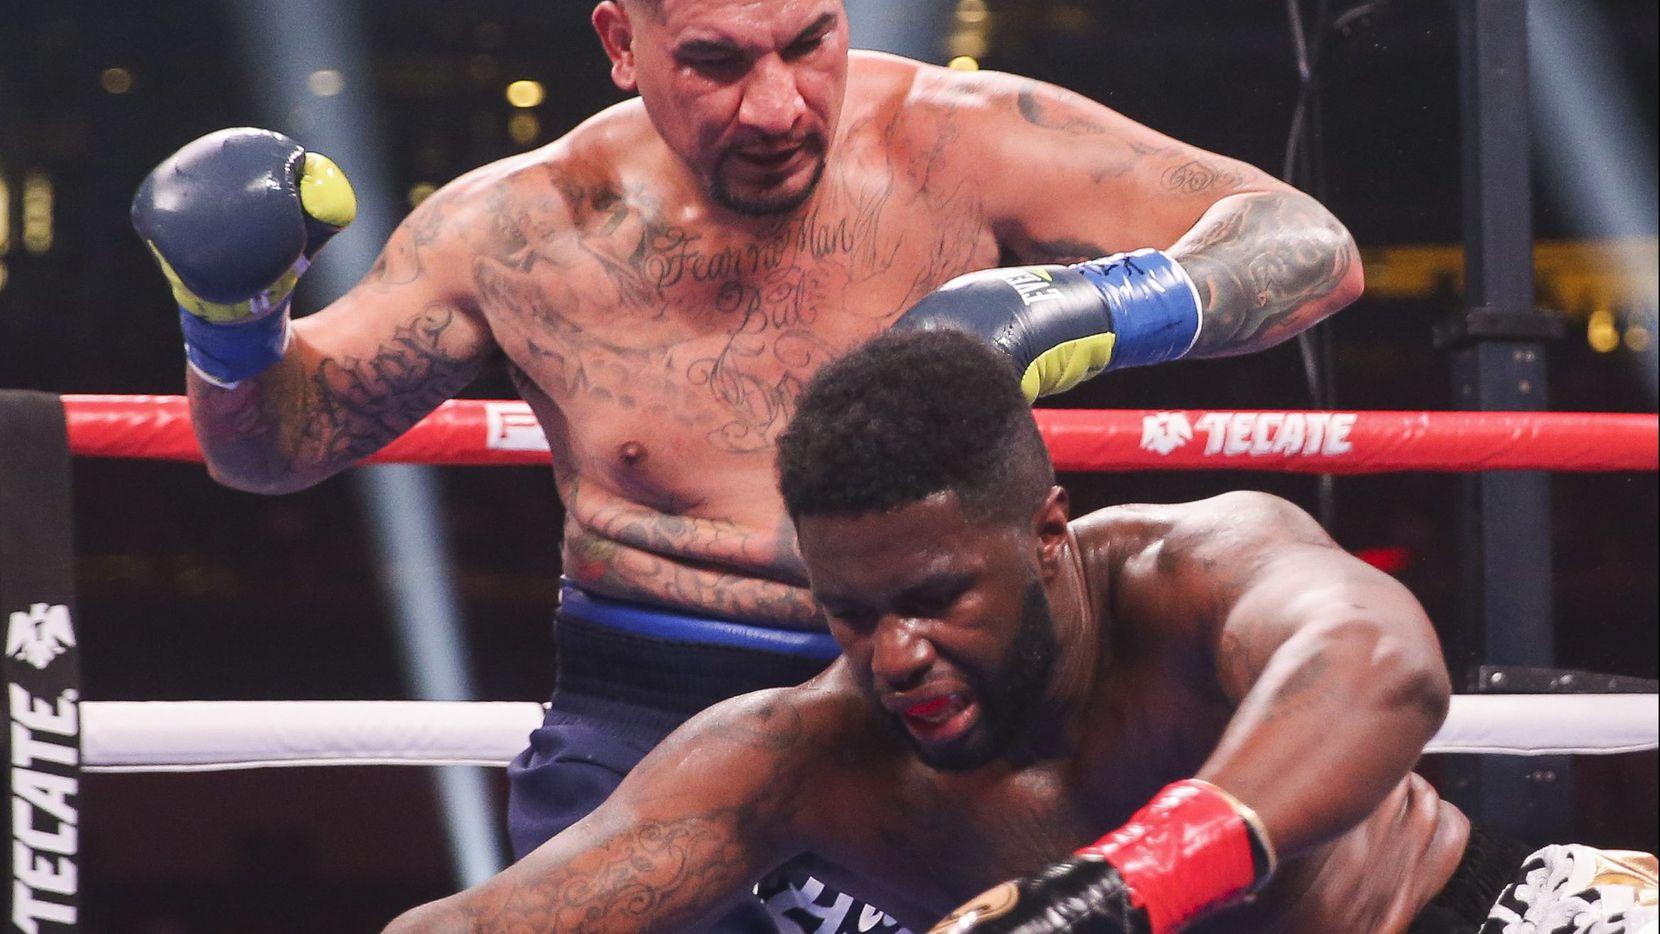 Jean Pierre Augustin es noqueado por Chris Arreola en combate de peso pesado en el AT&T Stadium en Arlington, Texas. (Ryan Michalesko/The Dallas Morning News)